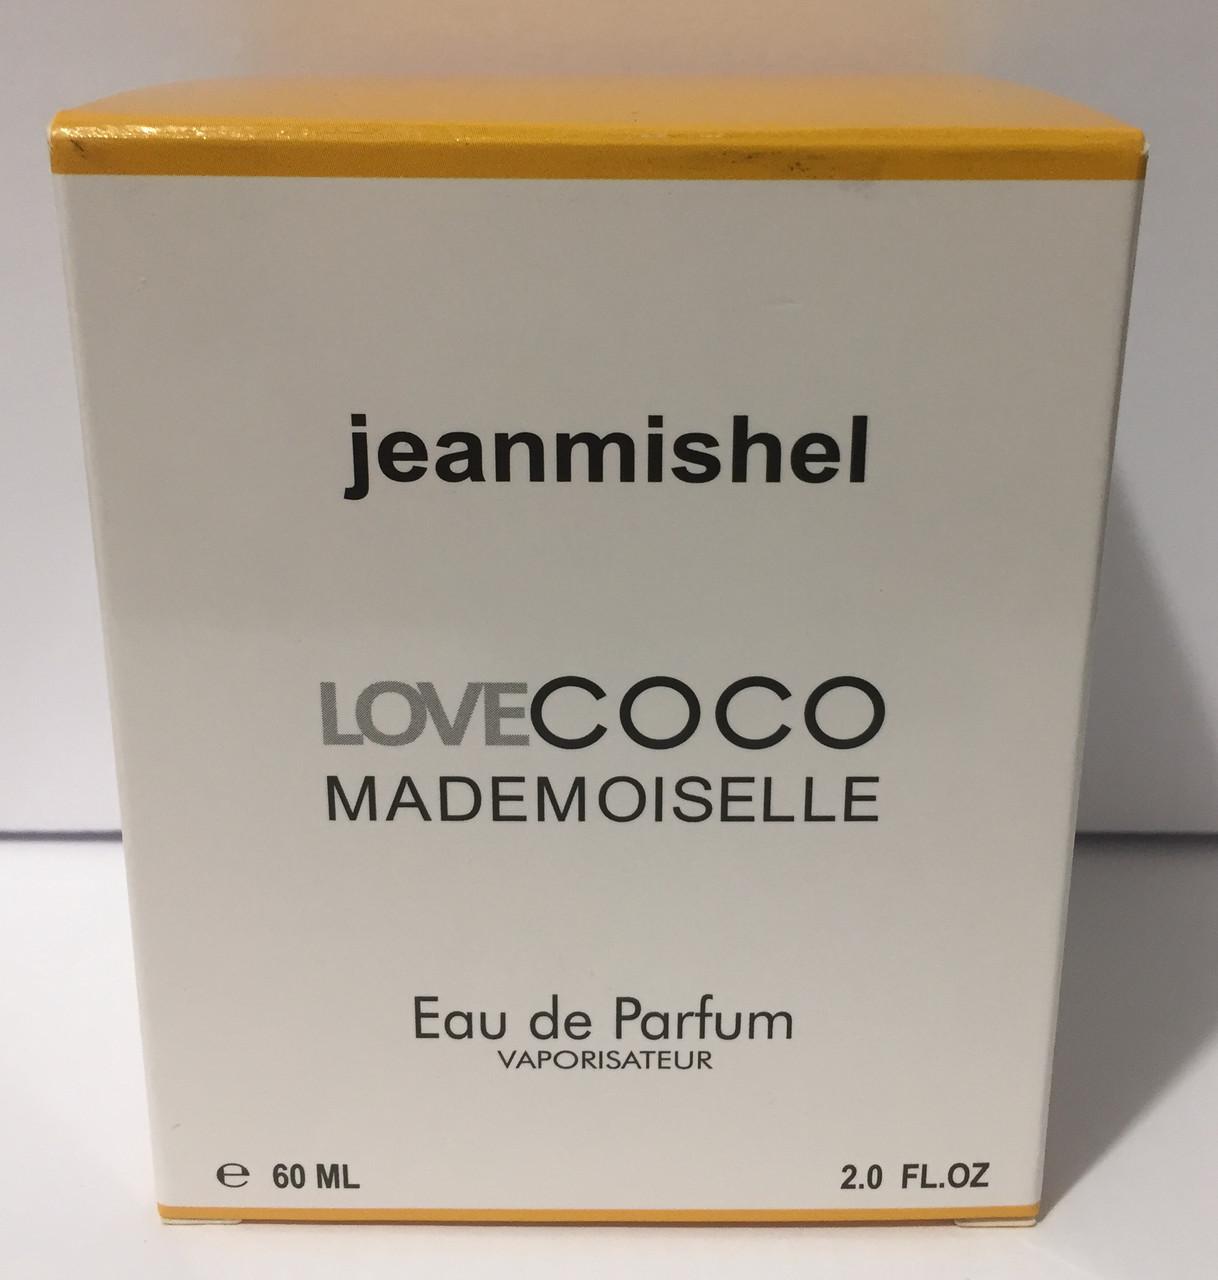 Тестер в подарочной упаковке jeanmishel loveCoco mademoiselle 60 мл